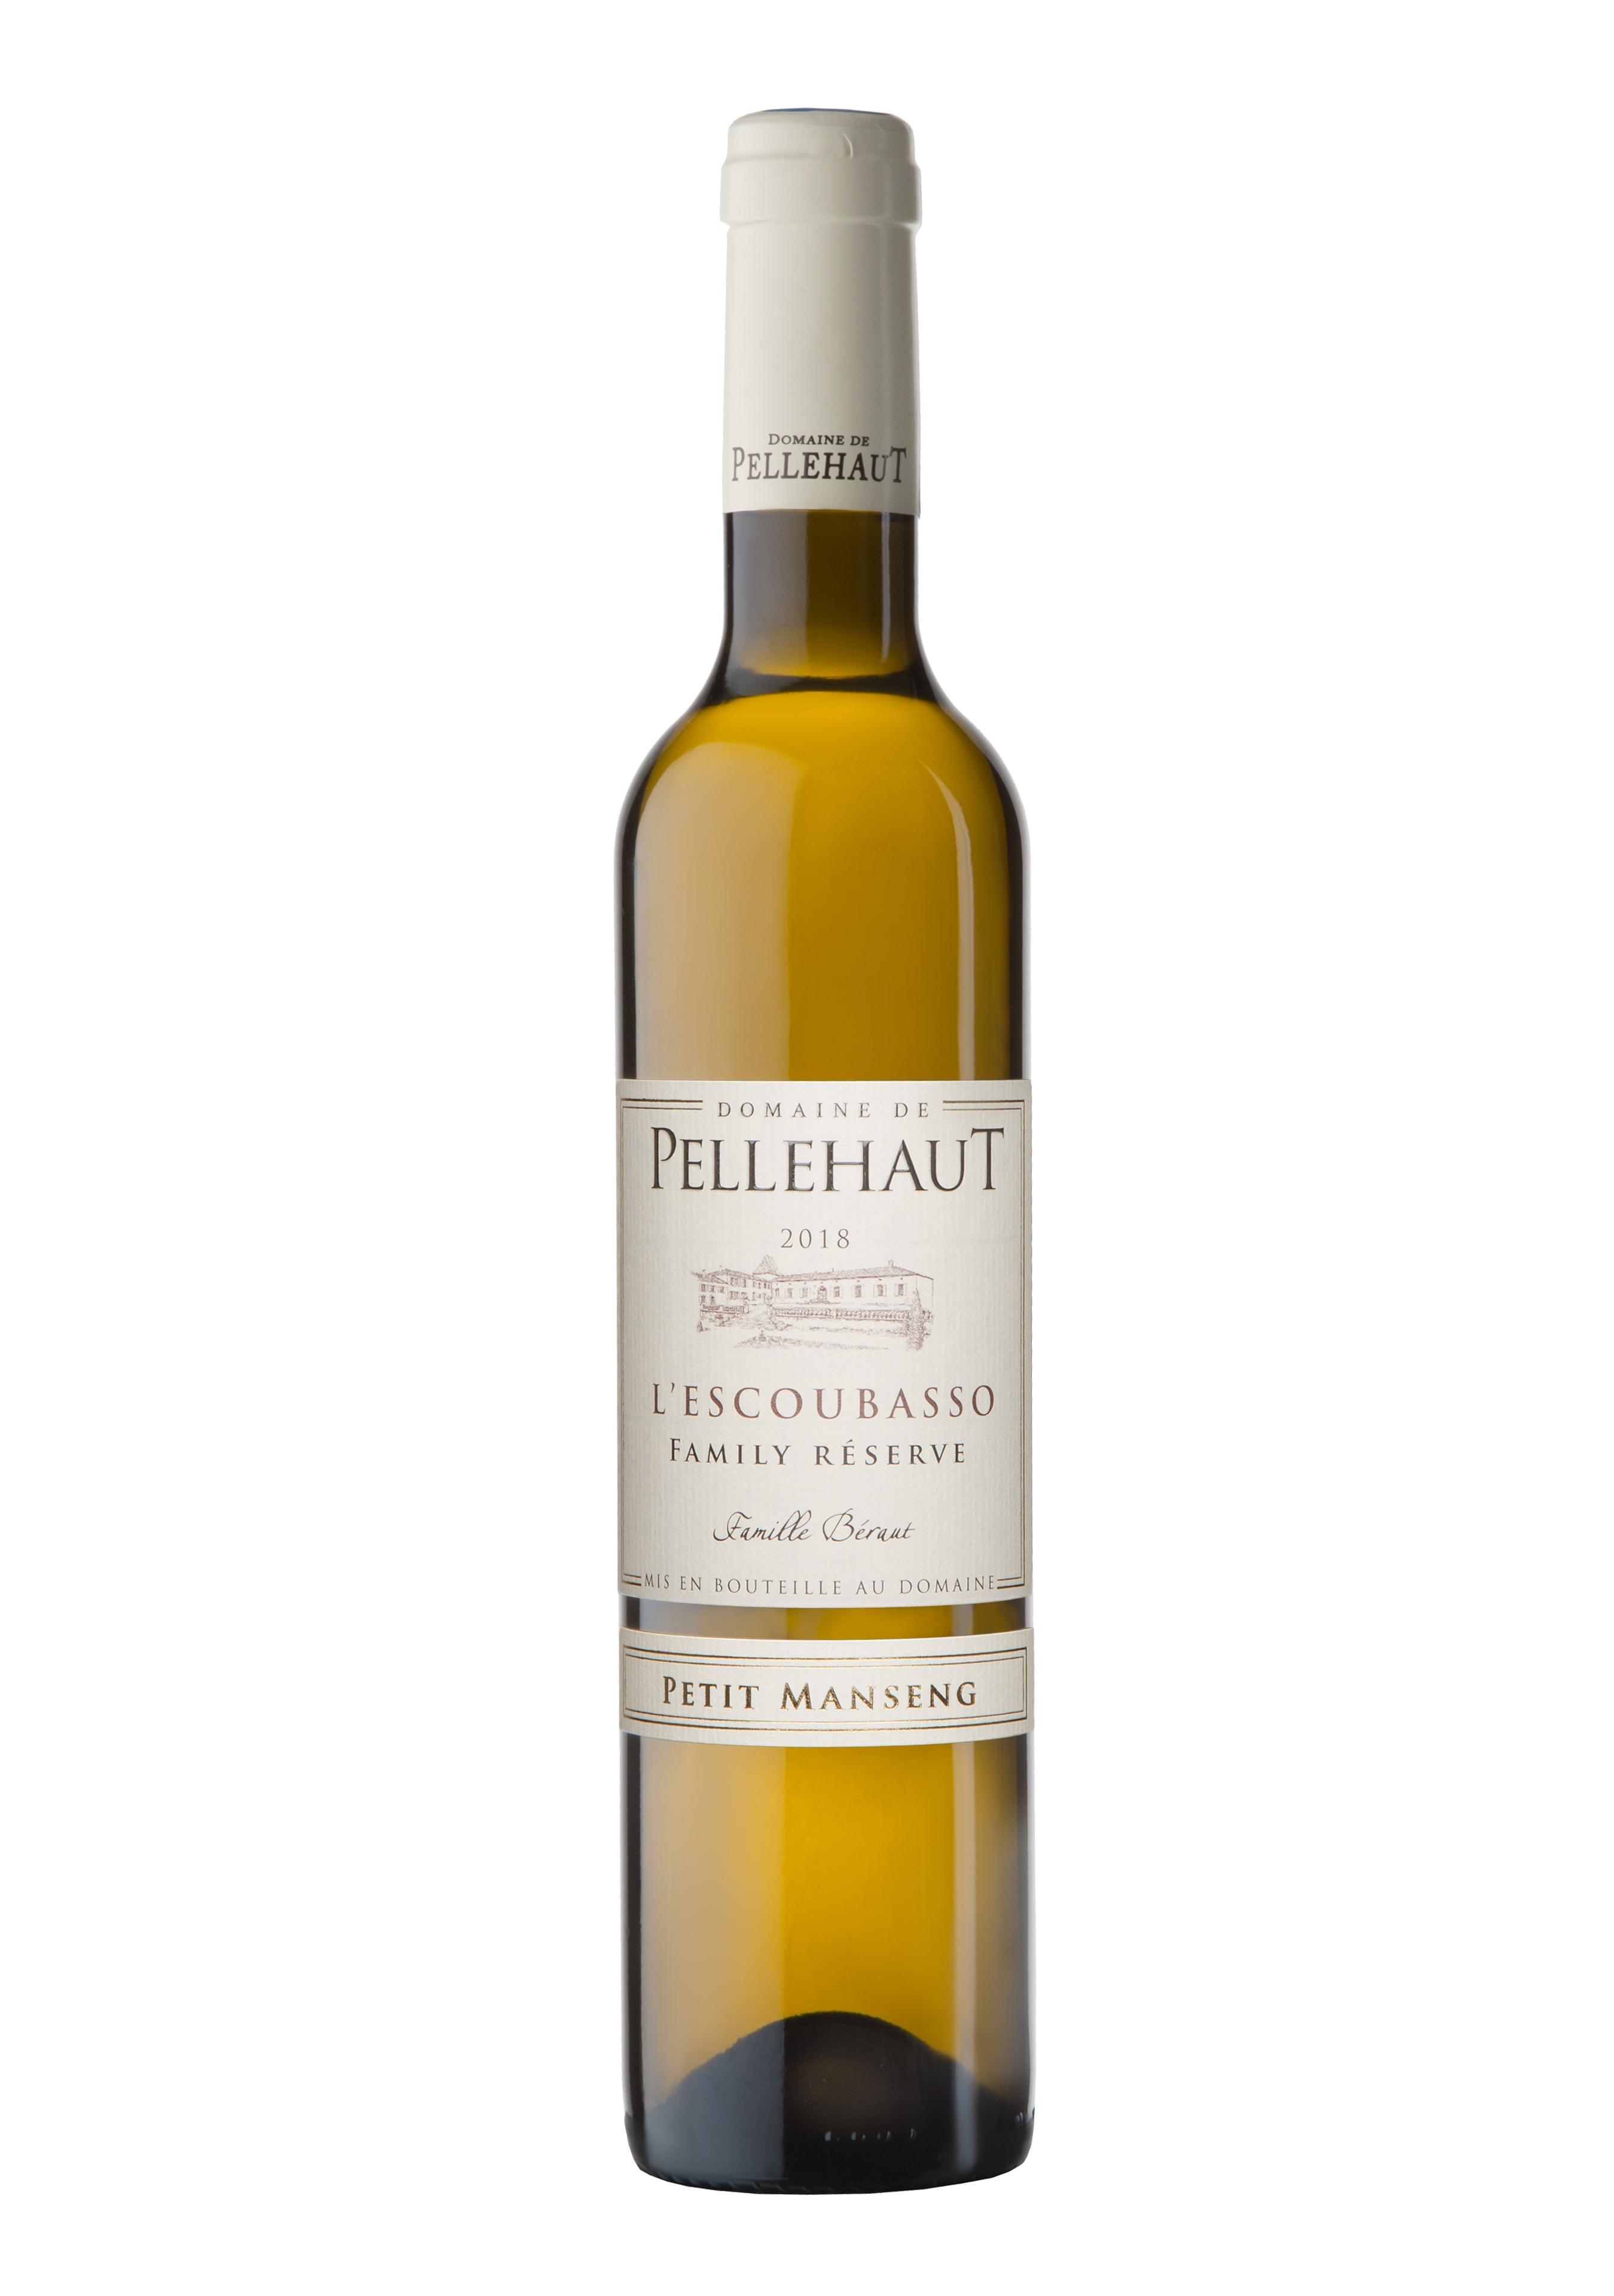 Domaine de Pellehaut – L'escoubasso 2018, Family Réserve – Côtes de Gascogne IGP